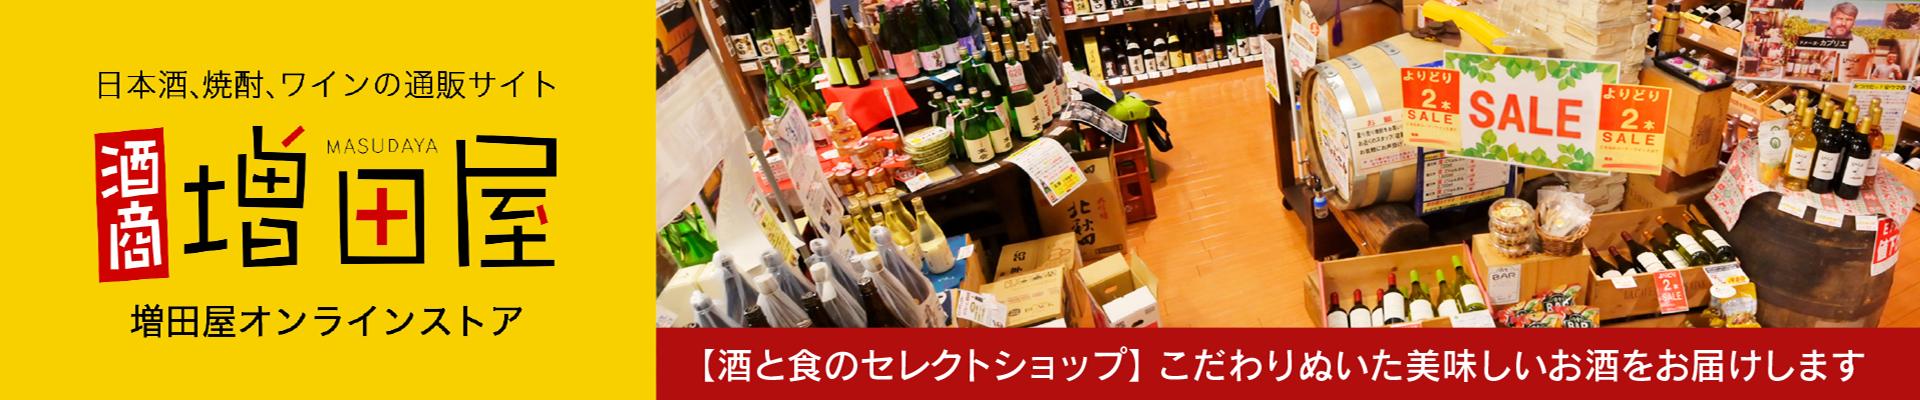 日本酒・焼酎・ワインなどのお酒の通販(ショッピング)サイト「増田酒店オンラインストア」